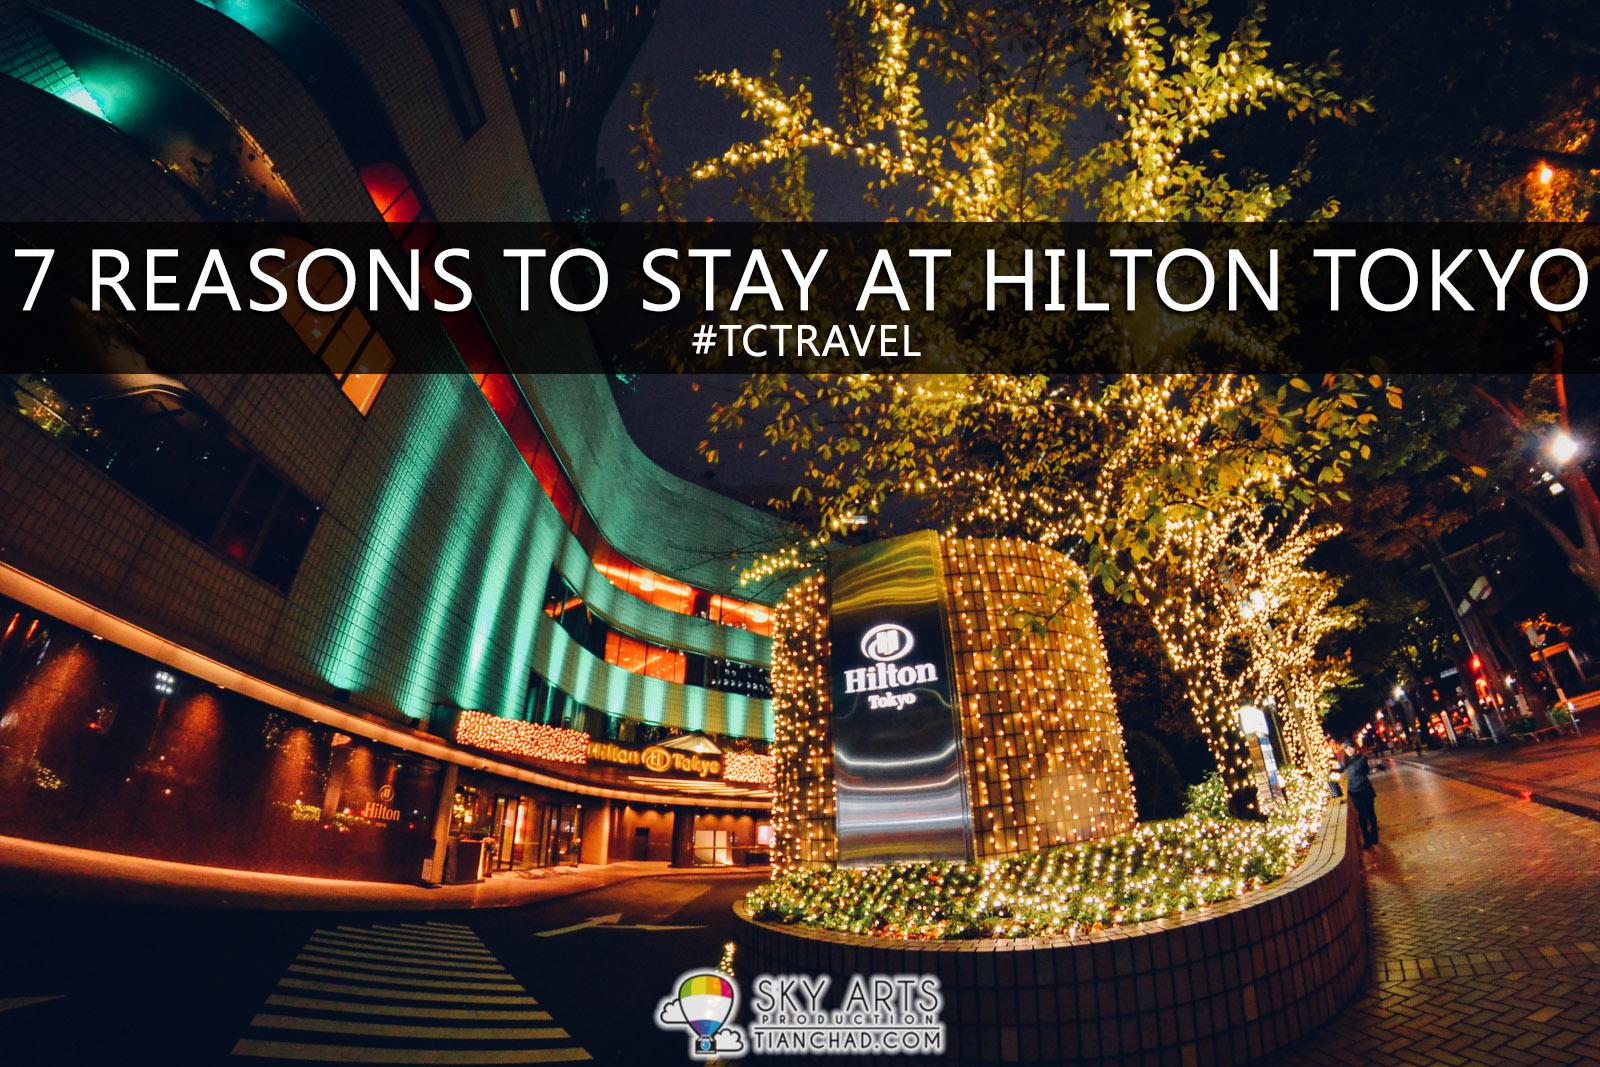 7 Reasons To Stay at Hilton Tokyo ヒルトン東京